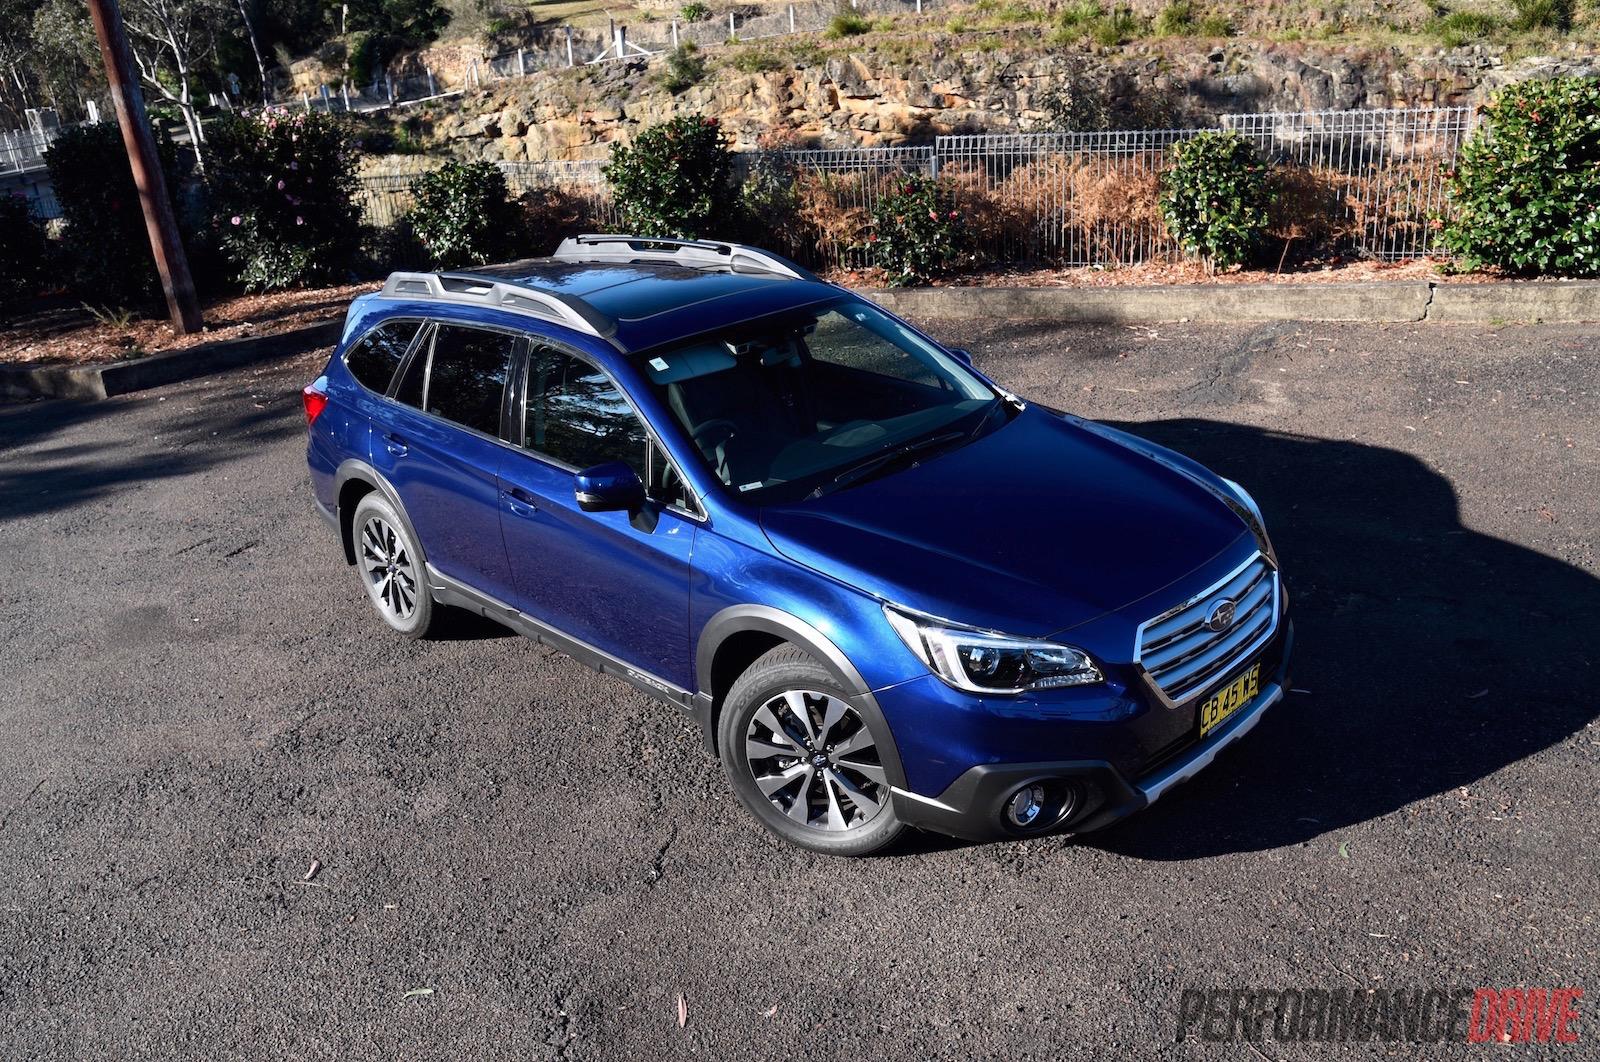 2015 Subaru Outback review (video) - 2 0D & 2 5i